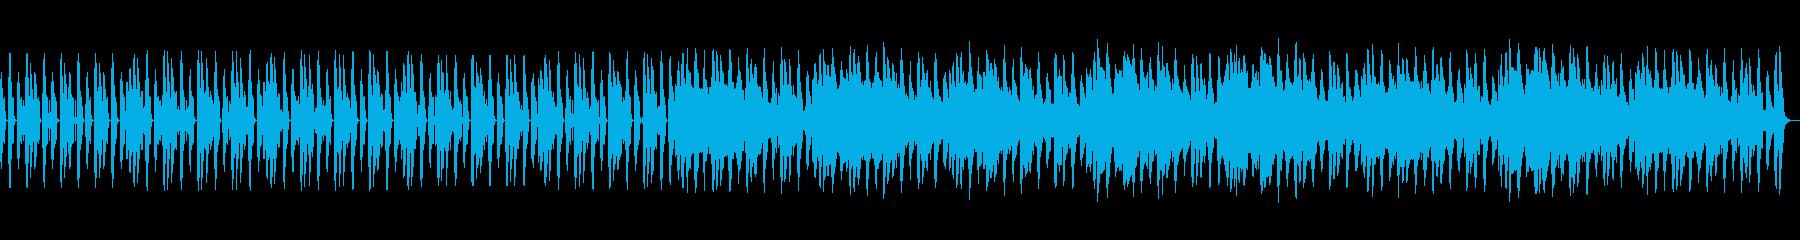 近未来風の爽やかなBGMの再生済みの波形